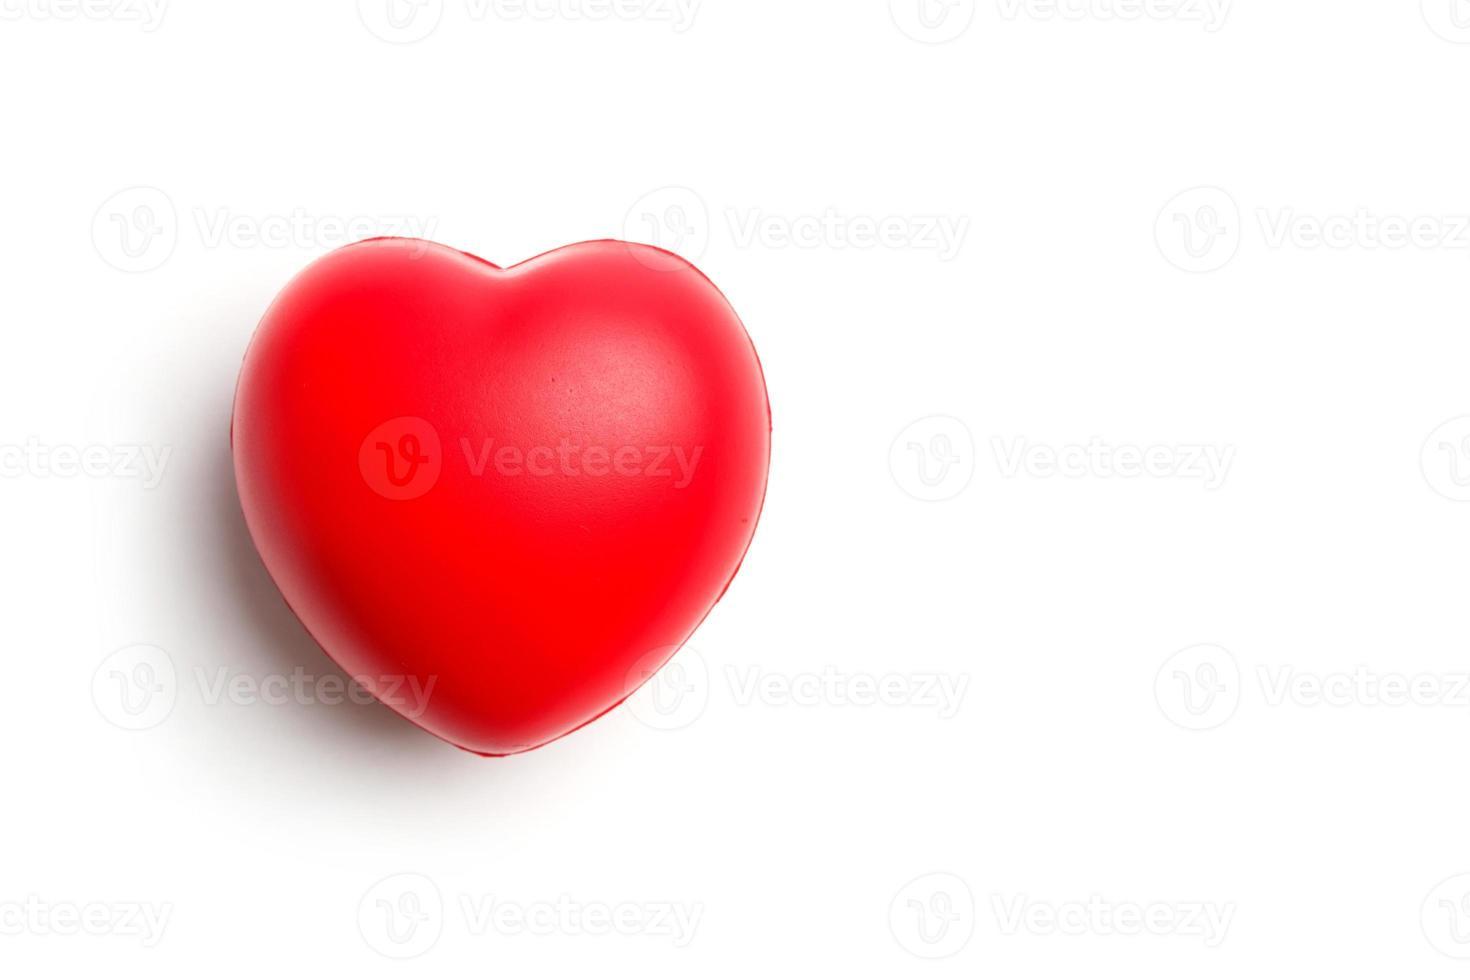 corazón rojo aislado en blanco foto